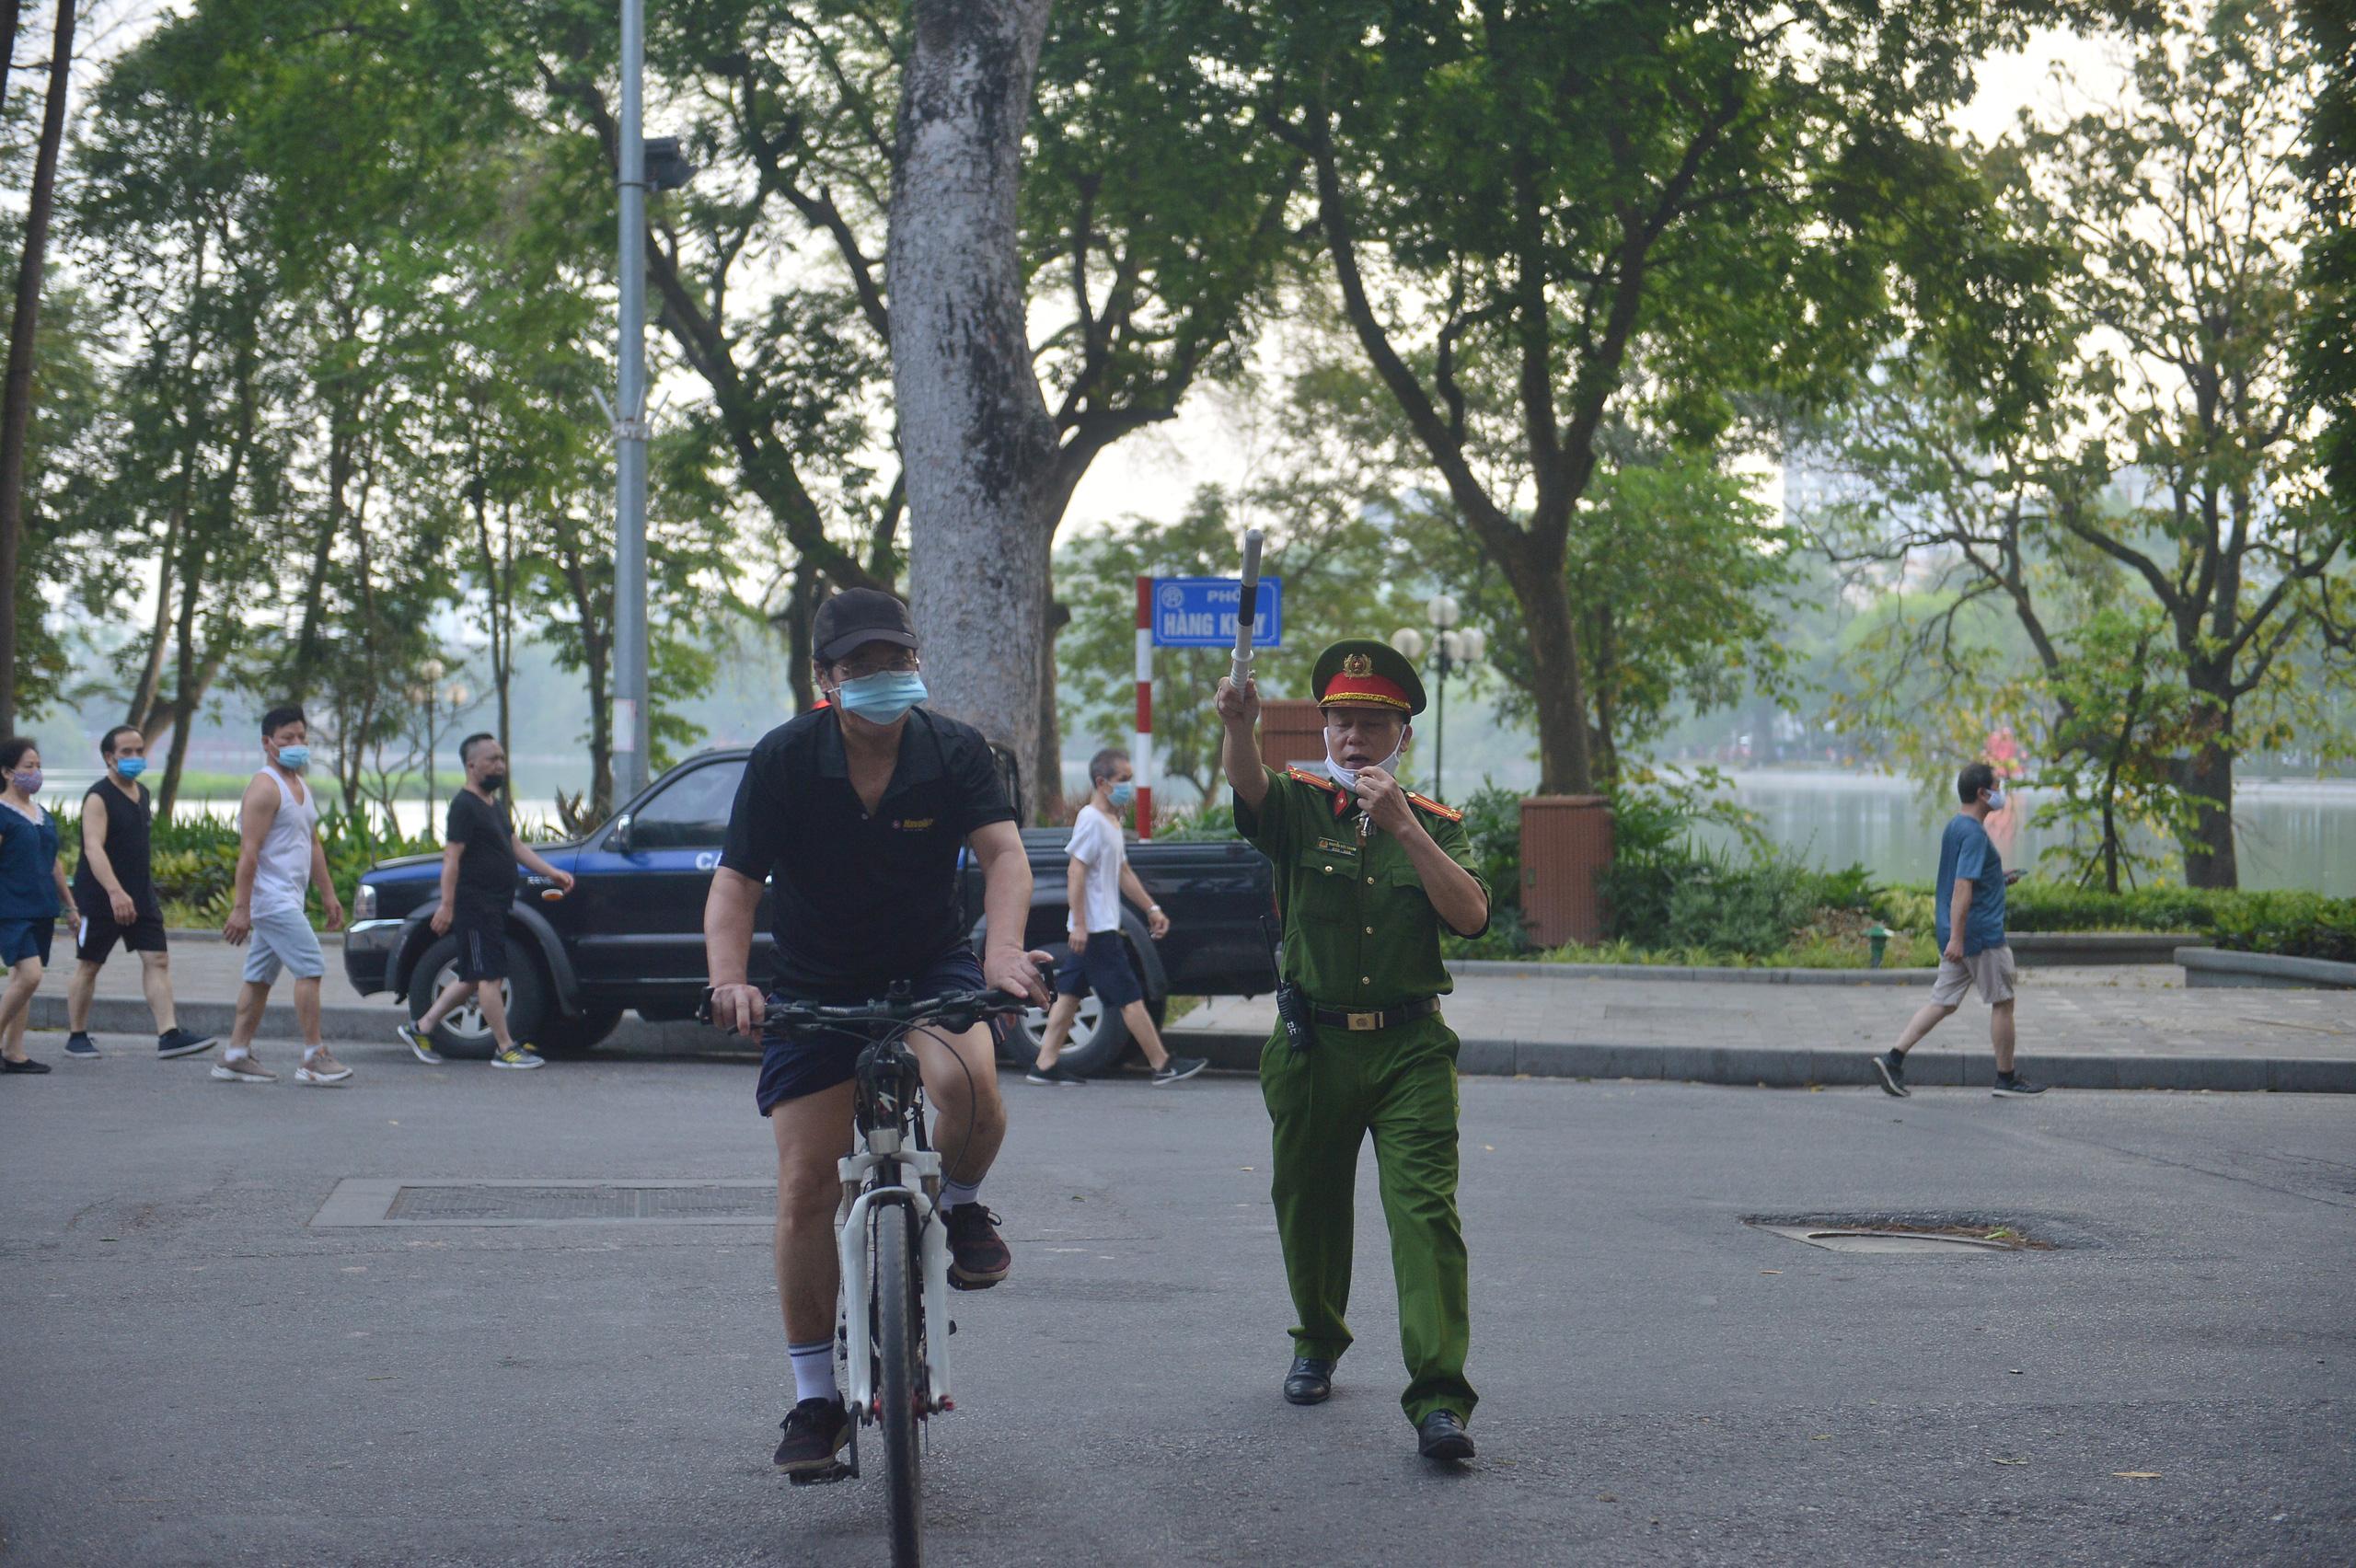 Hàng trăm người dân tập thể dục, đạp xe quanh hồ Gươm bất chấp dịch quy định phòng dịch Covid-19 - Ảnh 10.